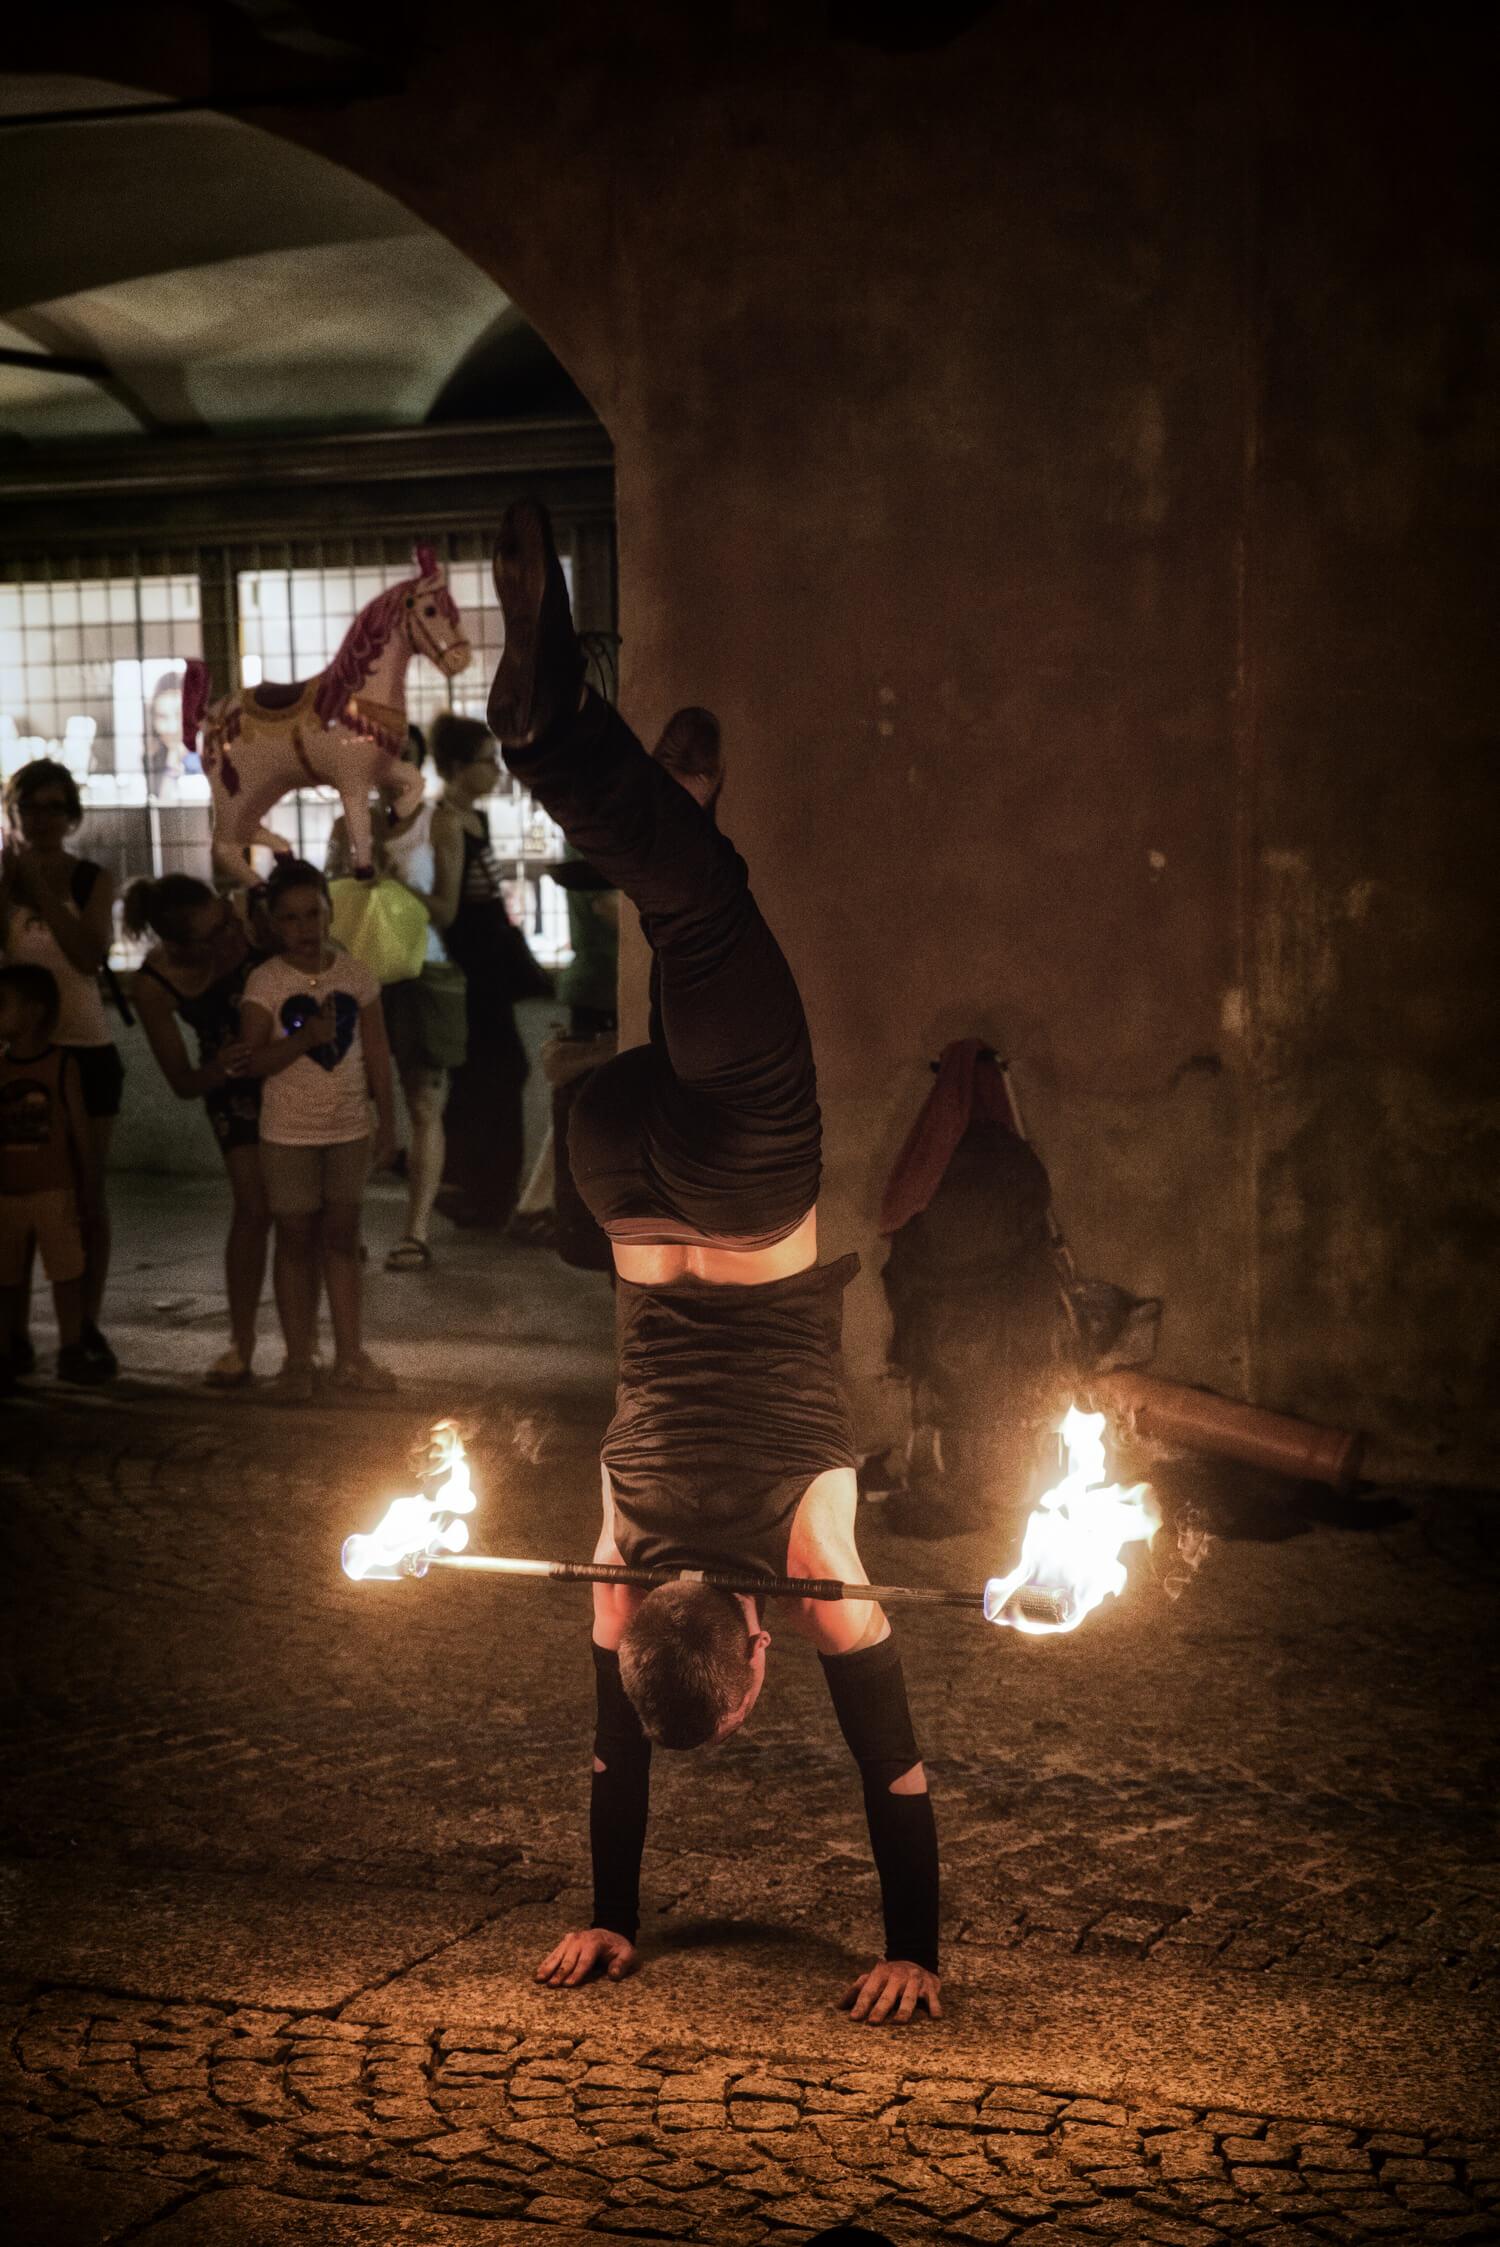 Foto Mirabilia Fossano Eventi Cuneo Ivan Maccagno Fotografia Busca